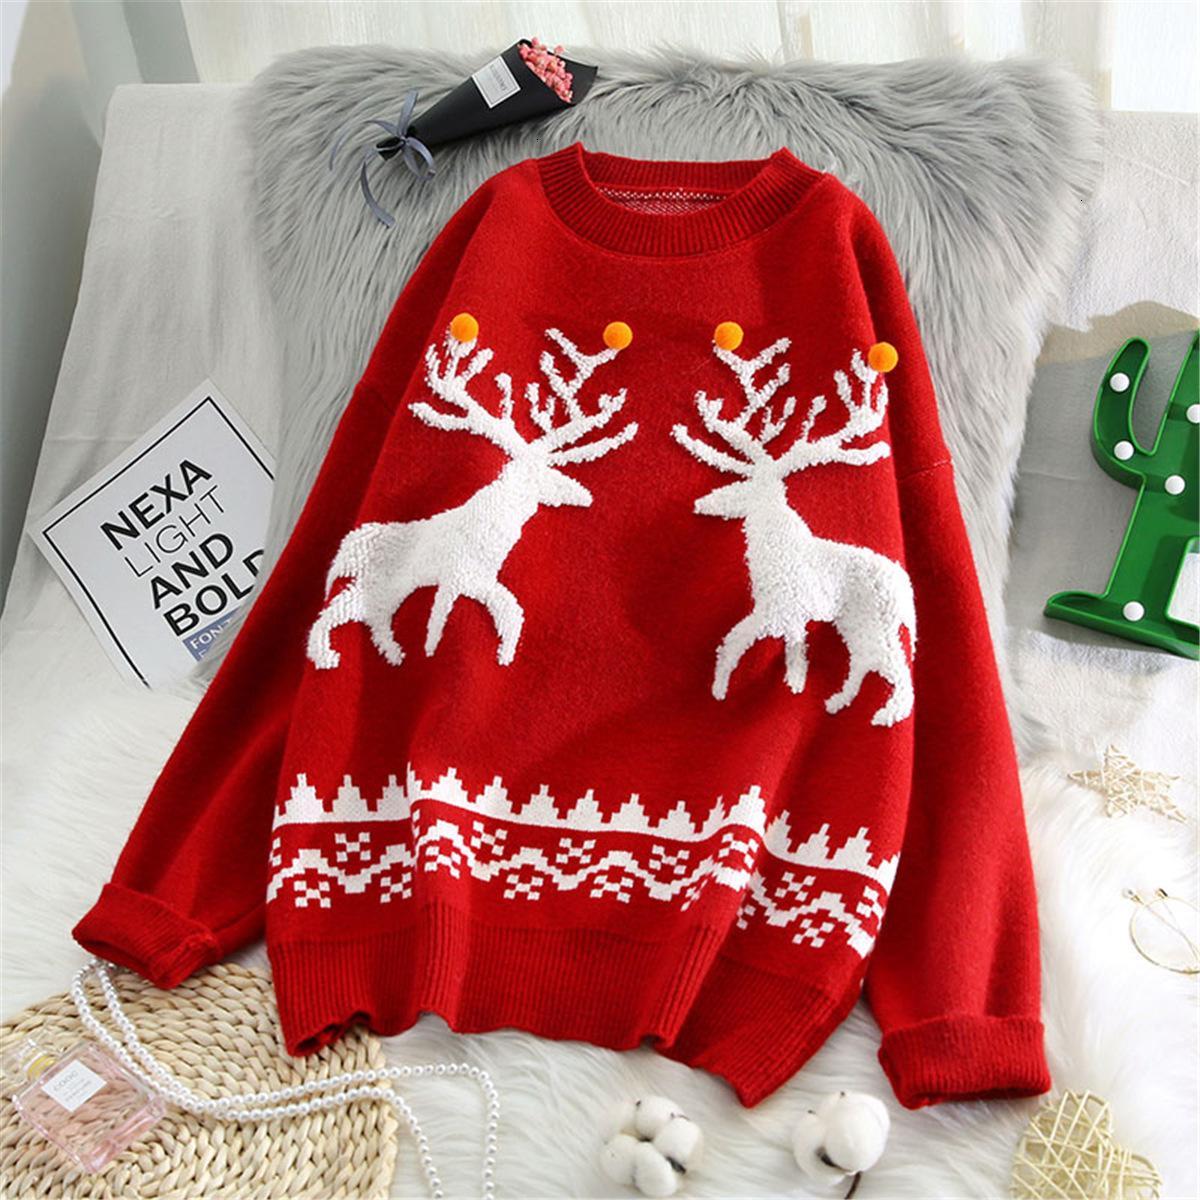 Camisola do Natal Leiouna solto Grosso com cervos Jumper Moda feminina blusas pulôver inverno quente roupas de outono Femme sweather Q1114